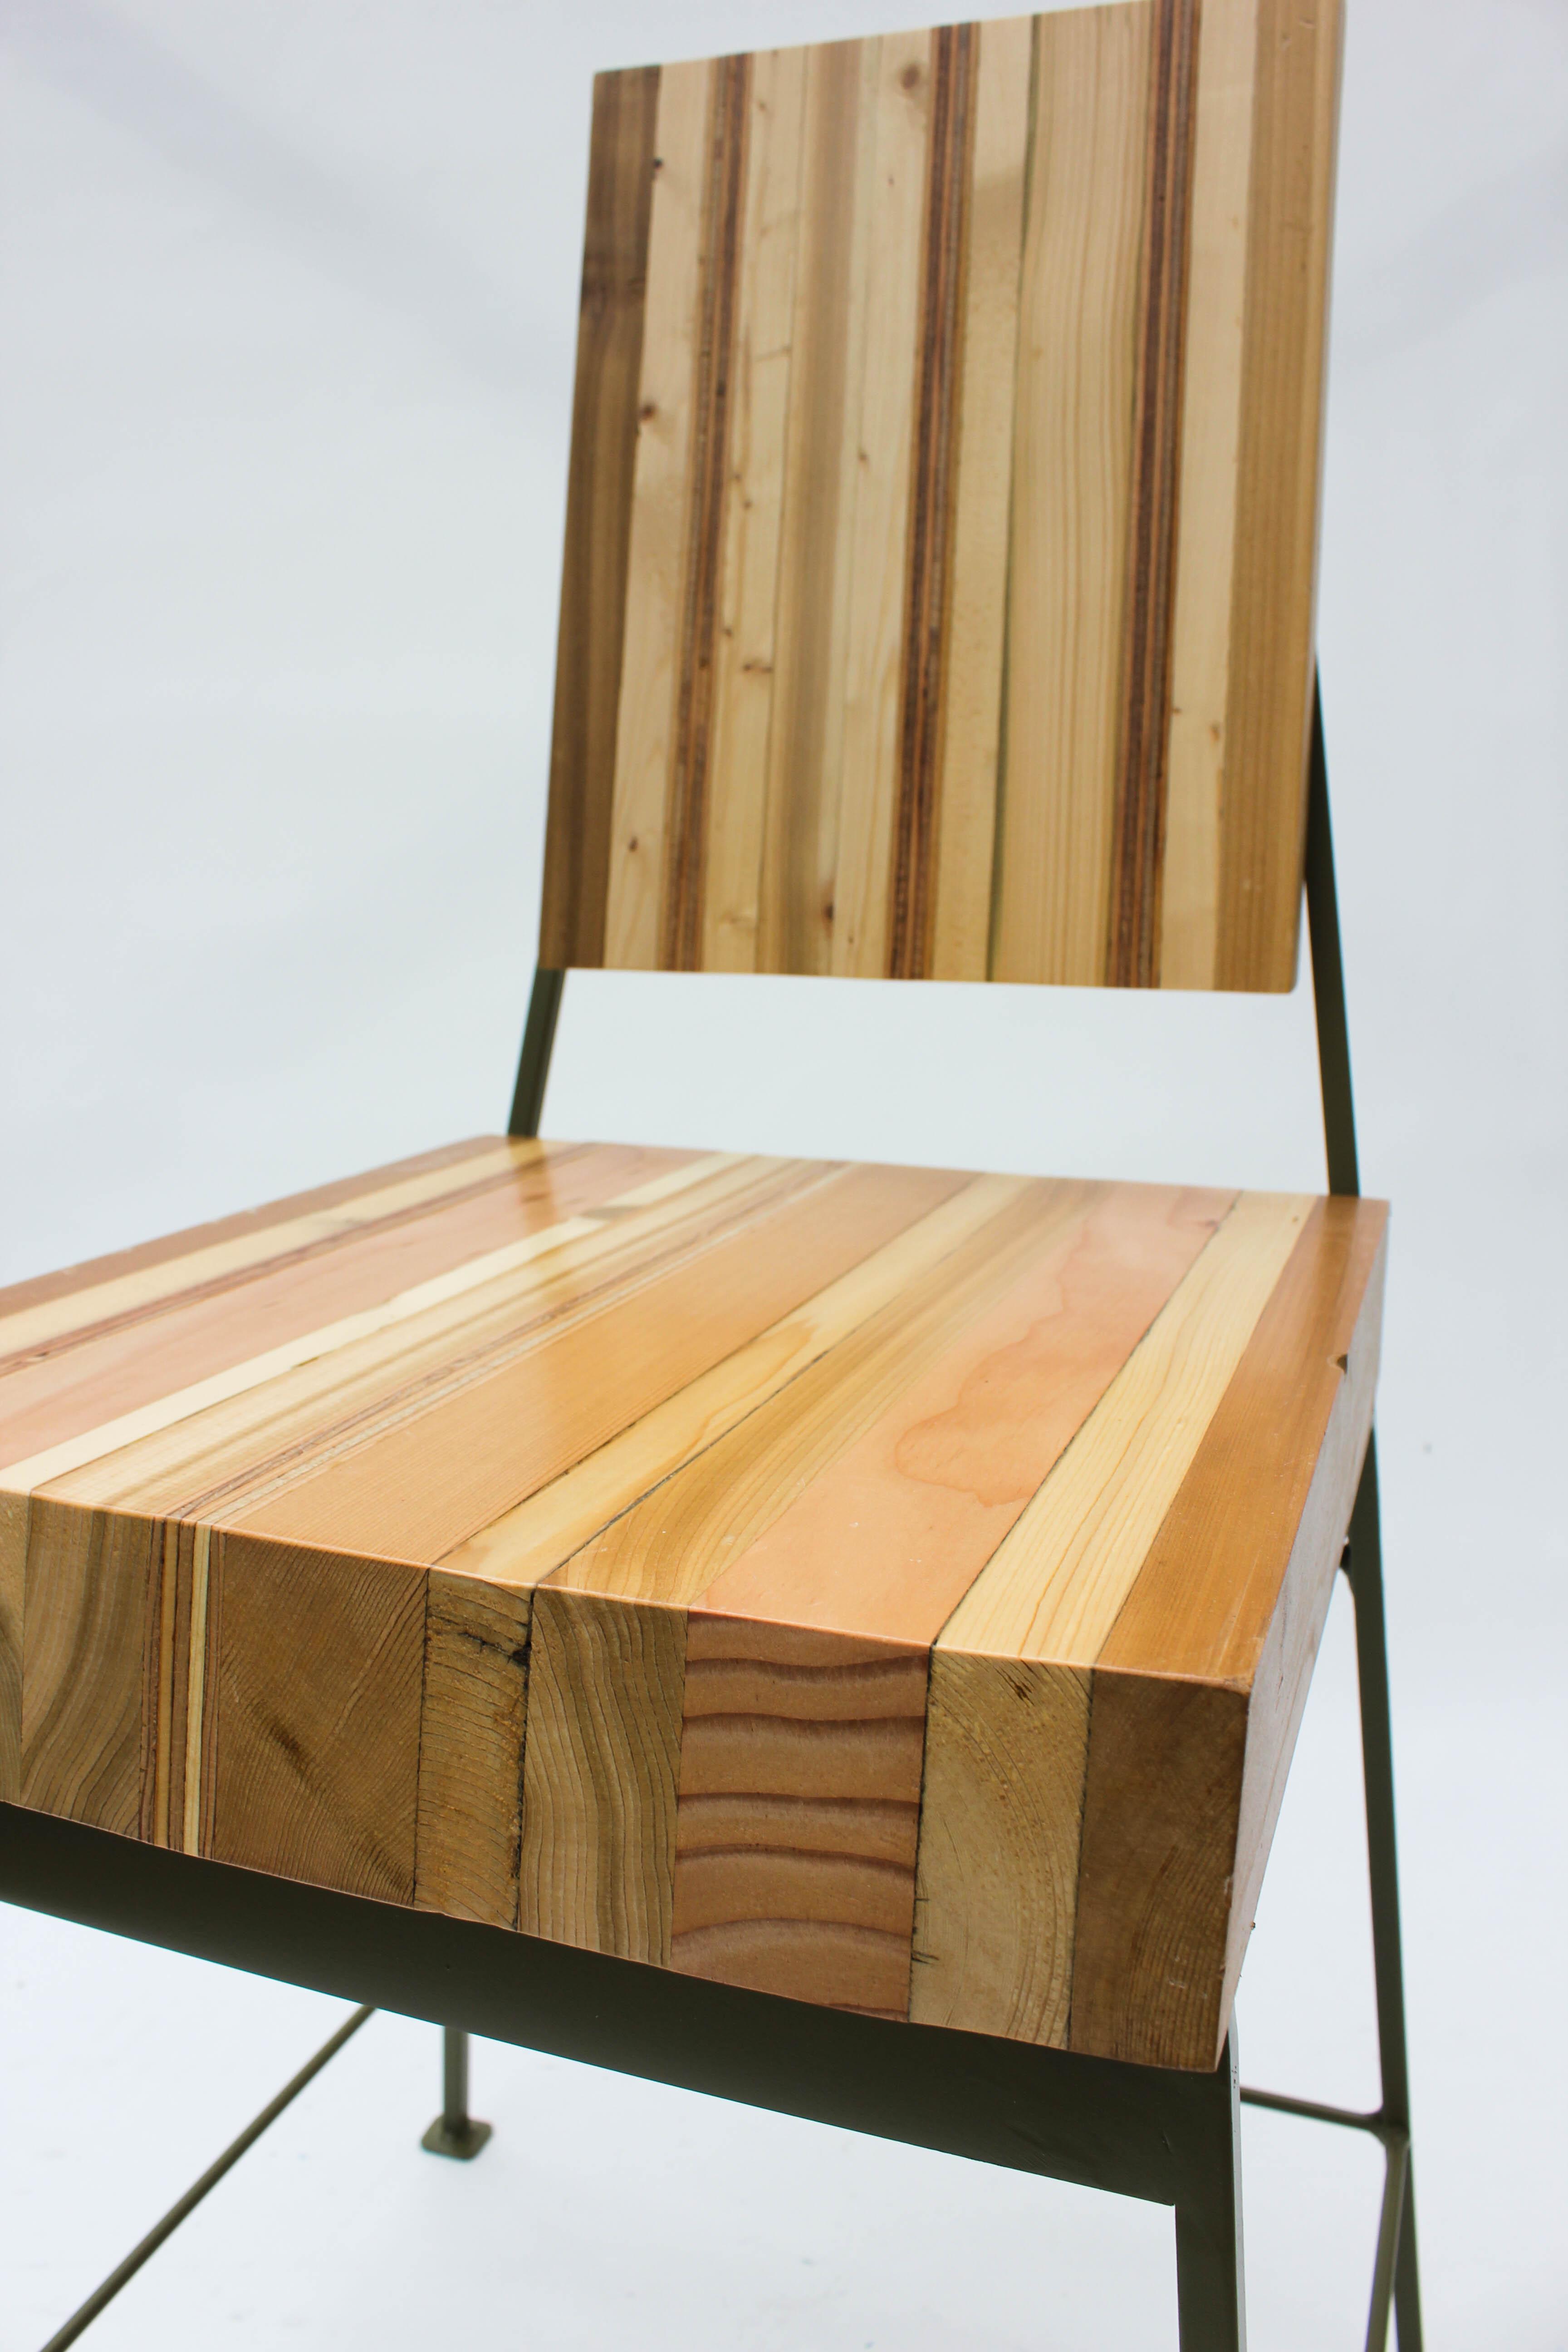 meubles roll 2-14